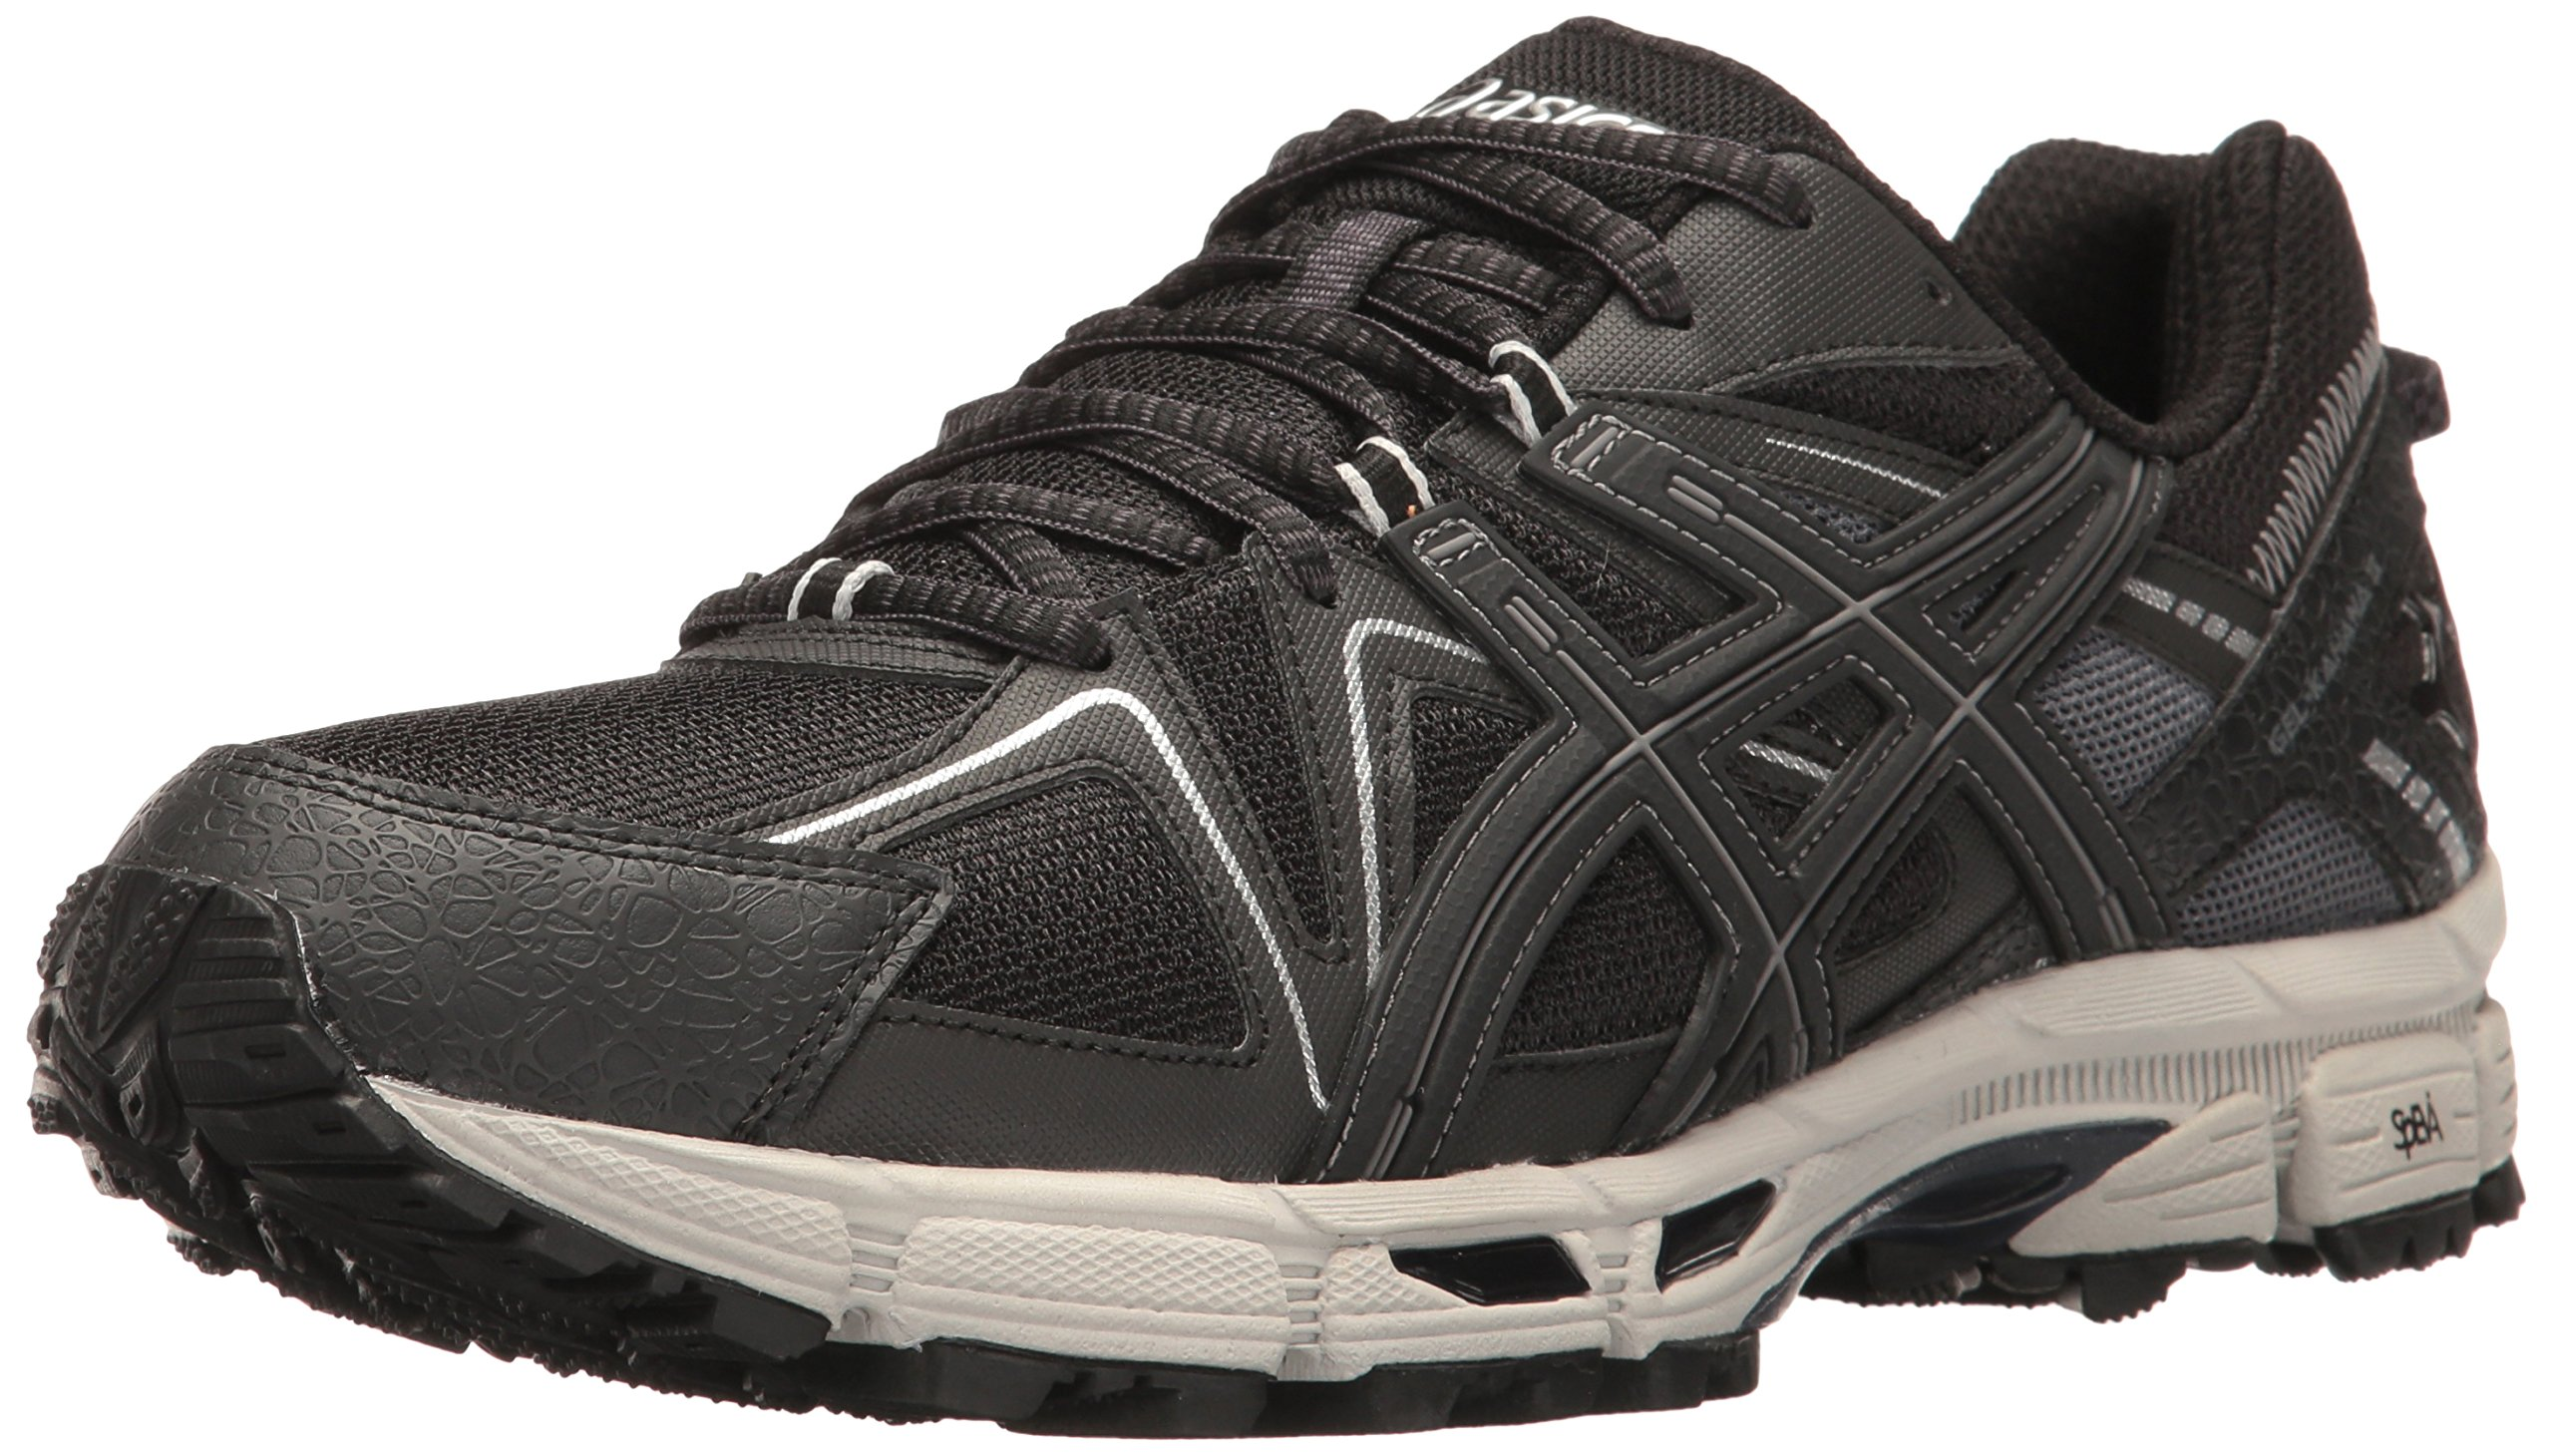 ASICS Men's Gel-Kahana 8 Trail Runner, Black/Onyx/Silver, 7 M US